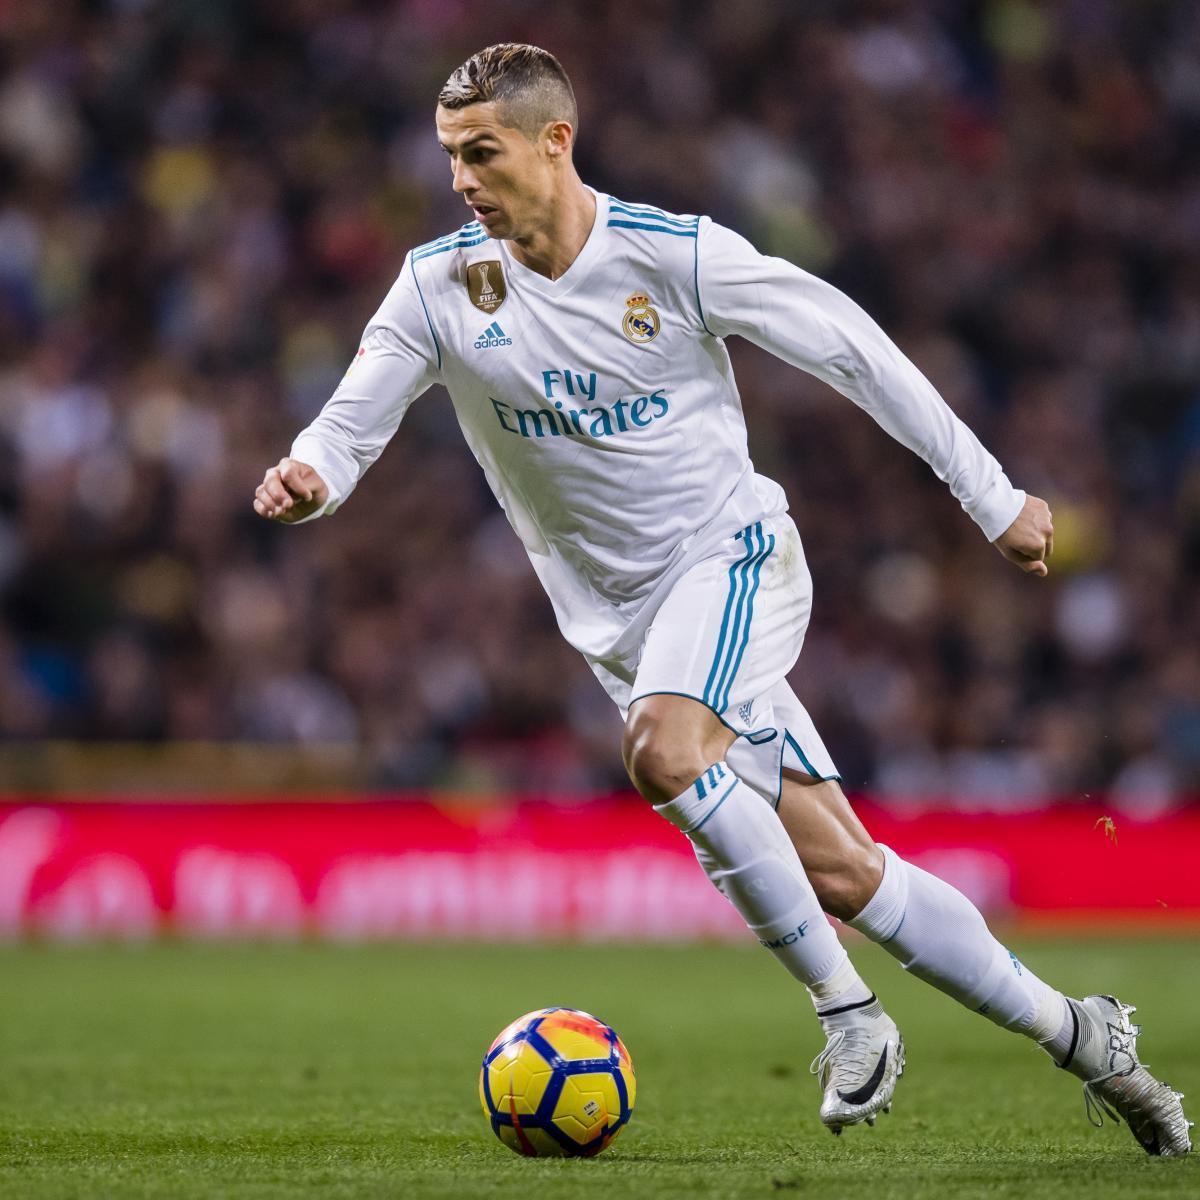 Manchester United Transfer News Lucas Moura And Cristiano: Manchester United Transfer News: Cristiano Ronaldo